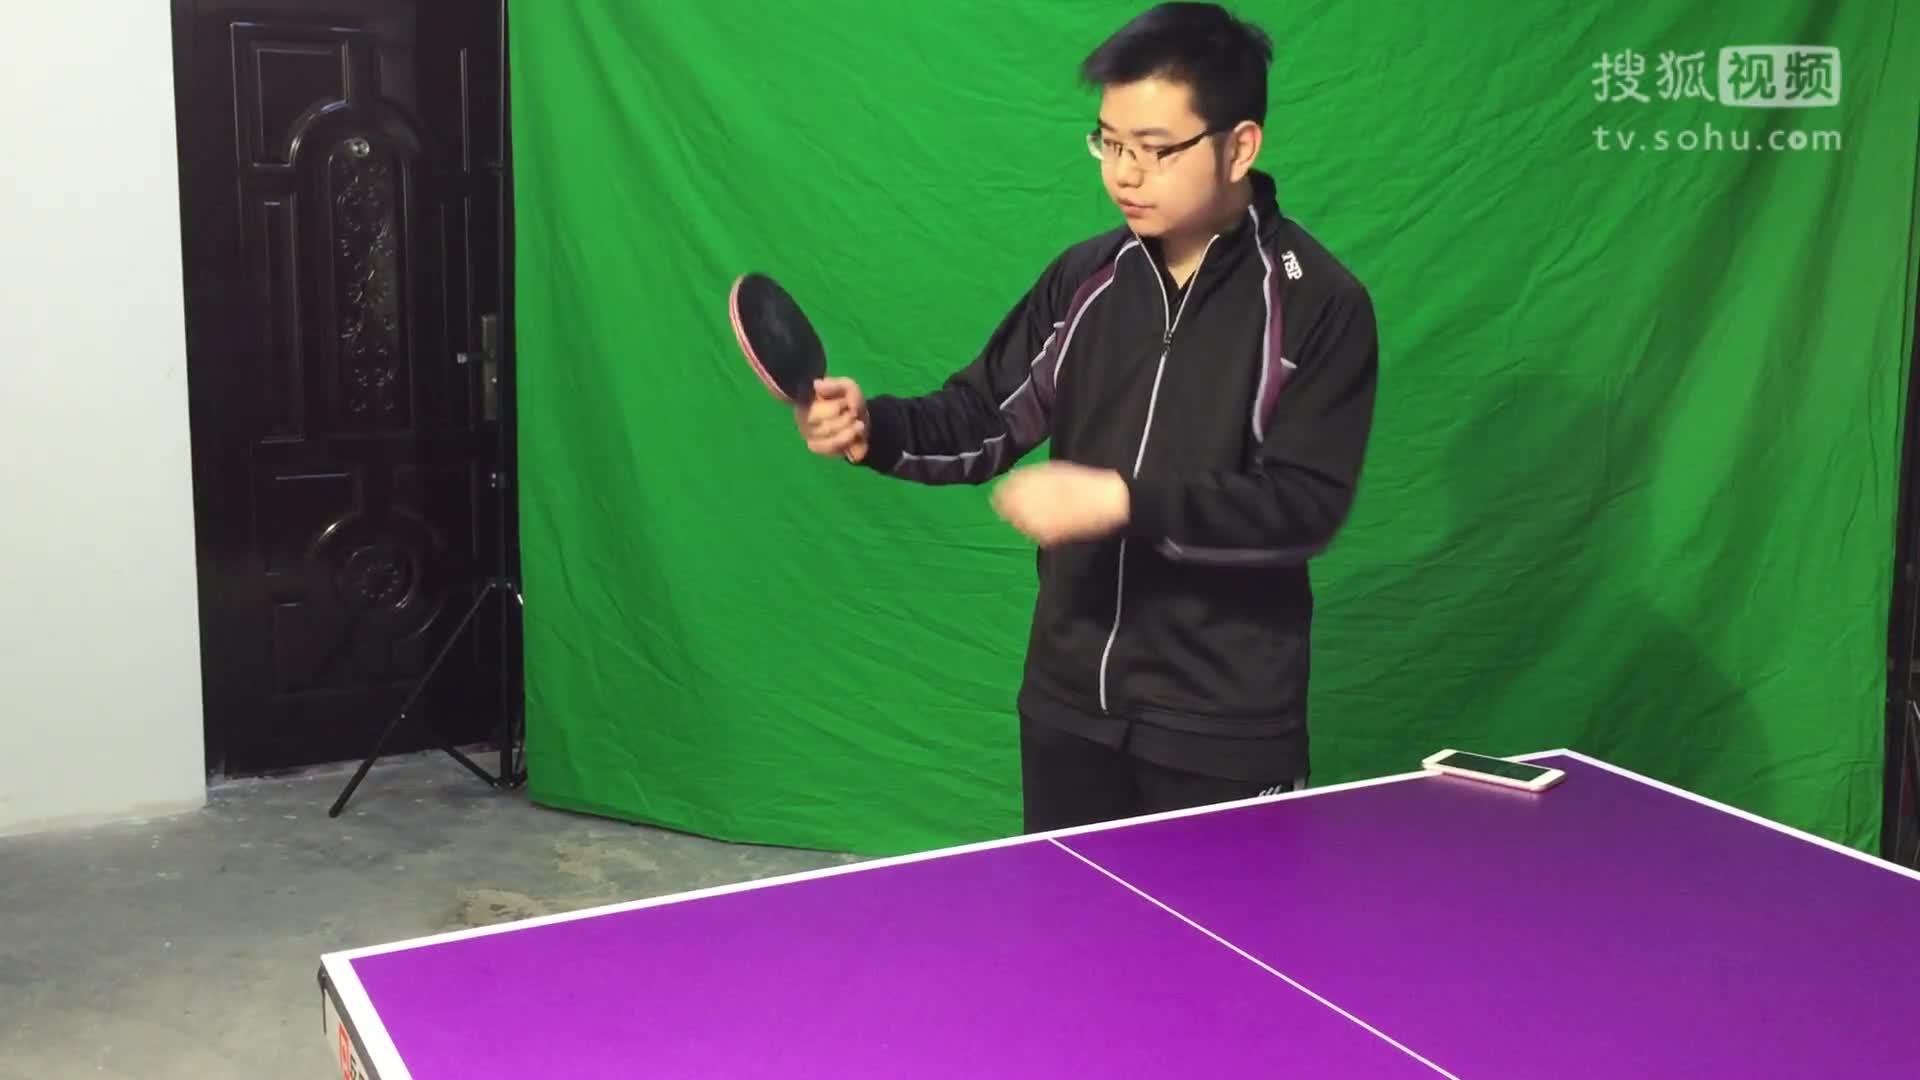 《乒乓网私人教练》拼接的底板就不好吗?木材切割、选料、拼接介绍_乒乓球教学视频